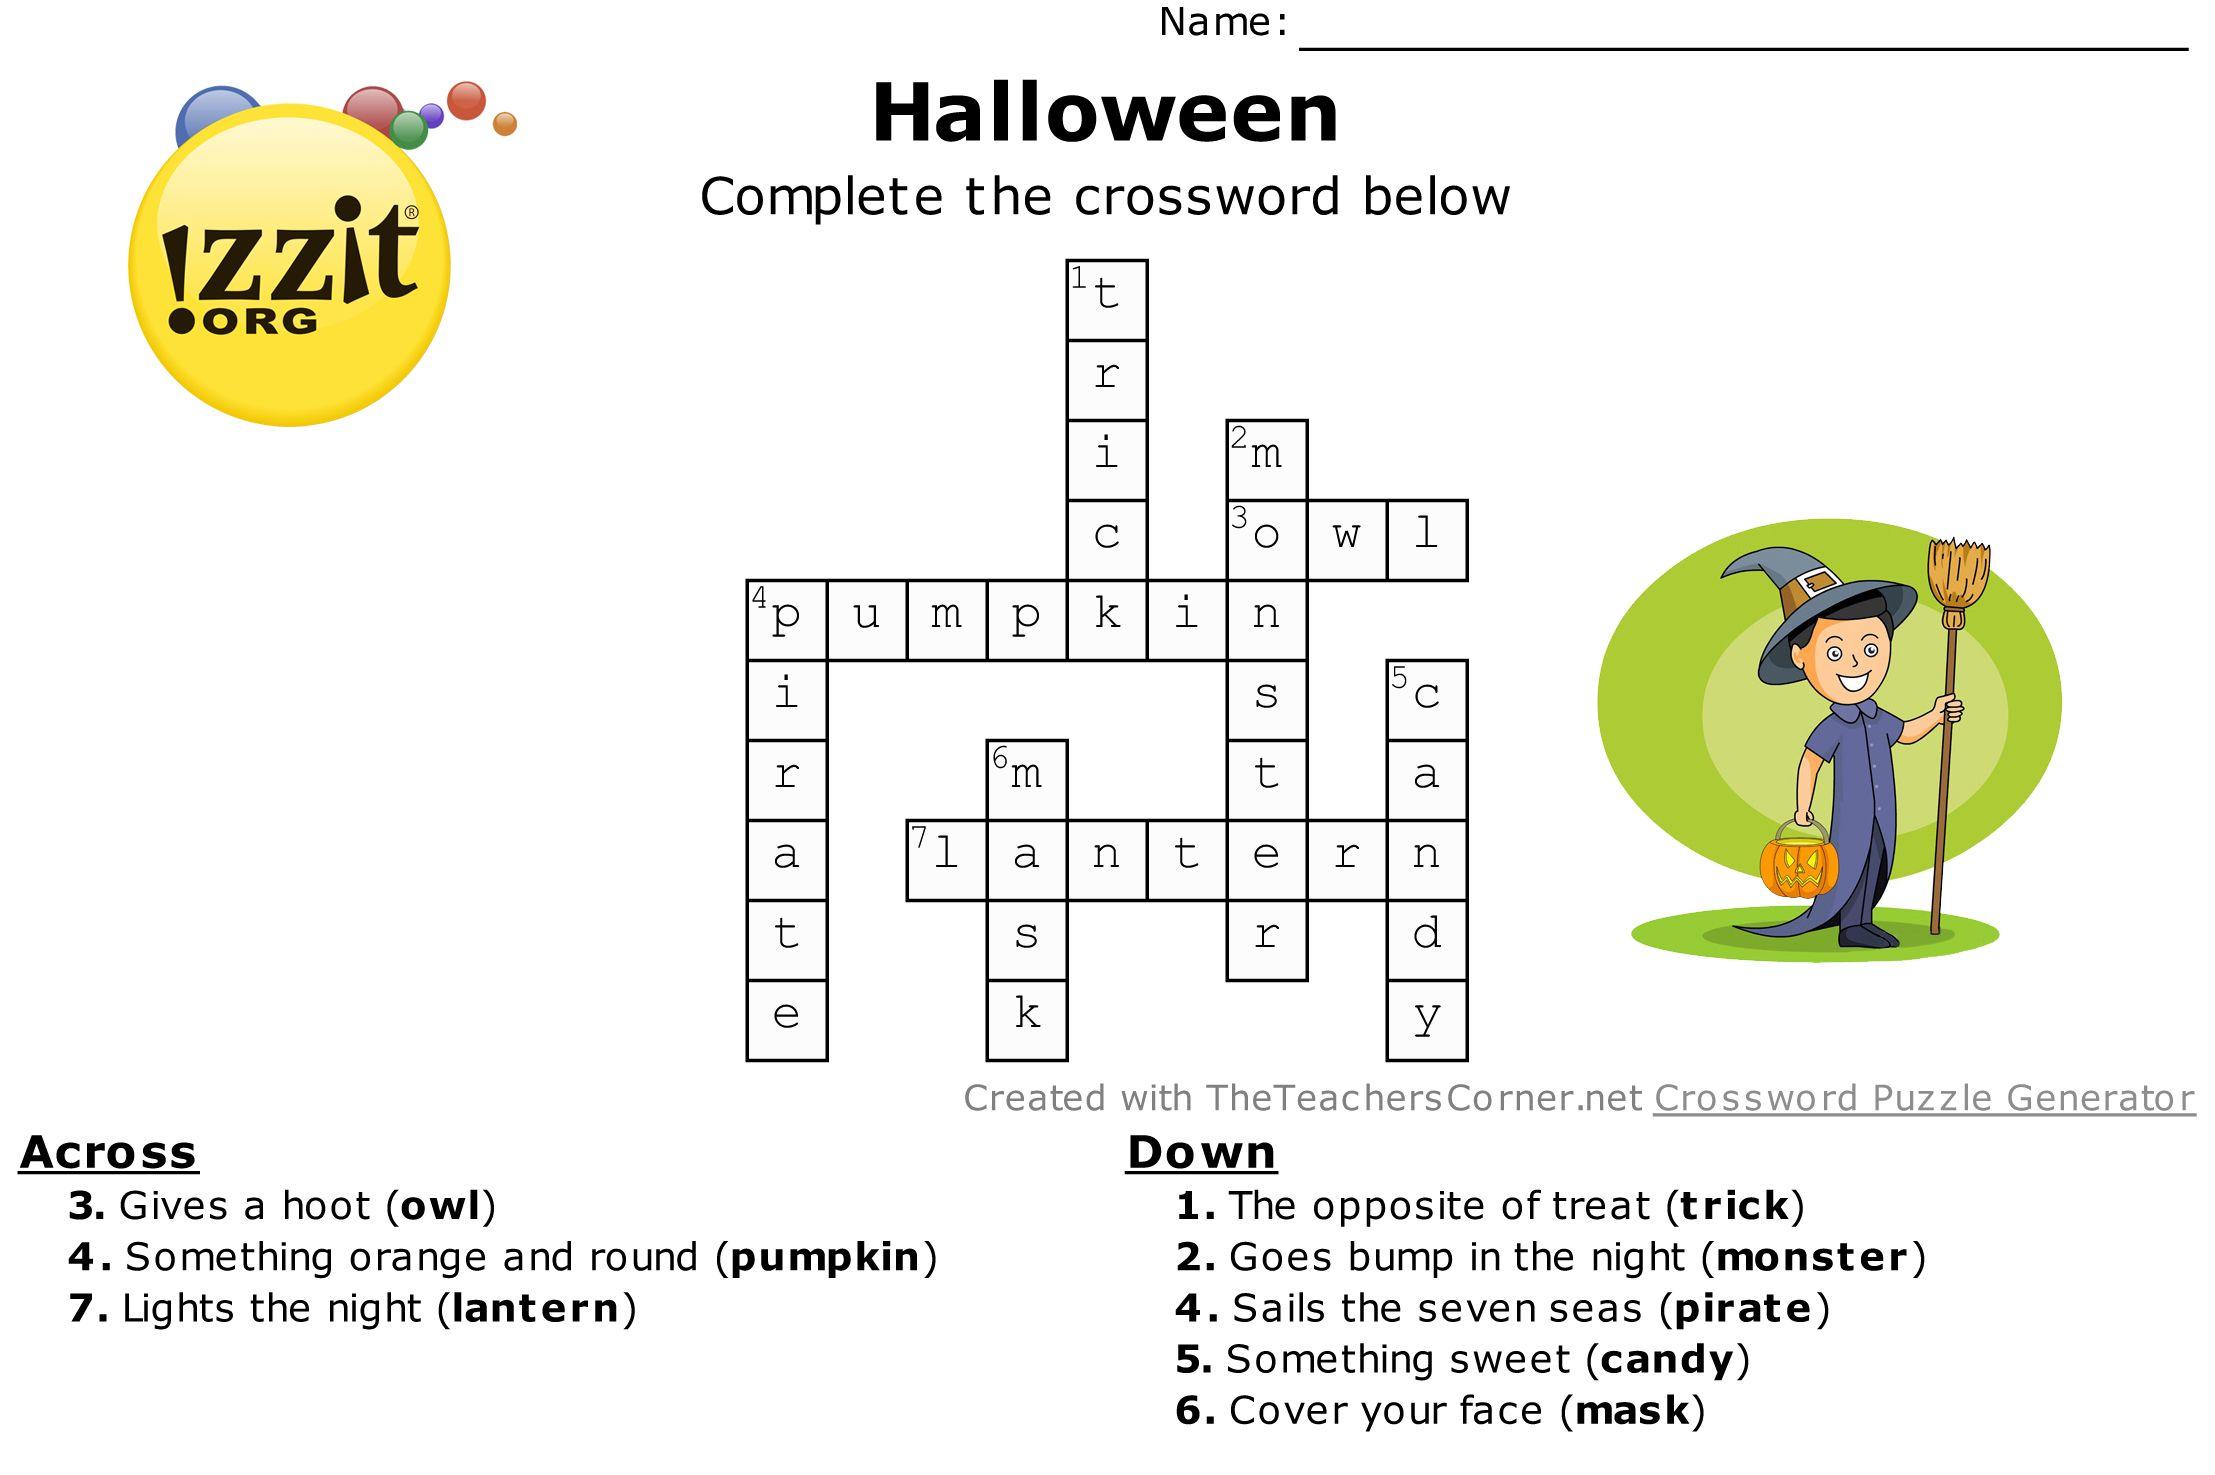 Halloween Crossword Answers Easy Happyhalloween Classroom Activities Crossword Crossword Puzzle [ 1475 x 2215 Pixel ]